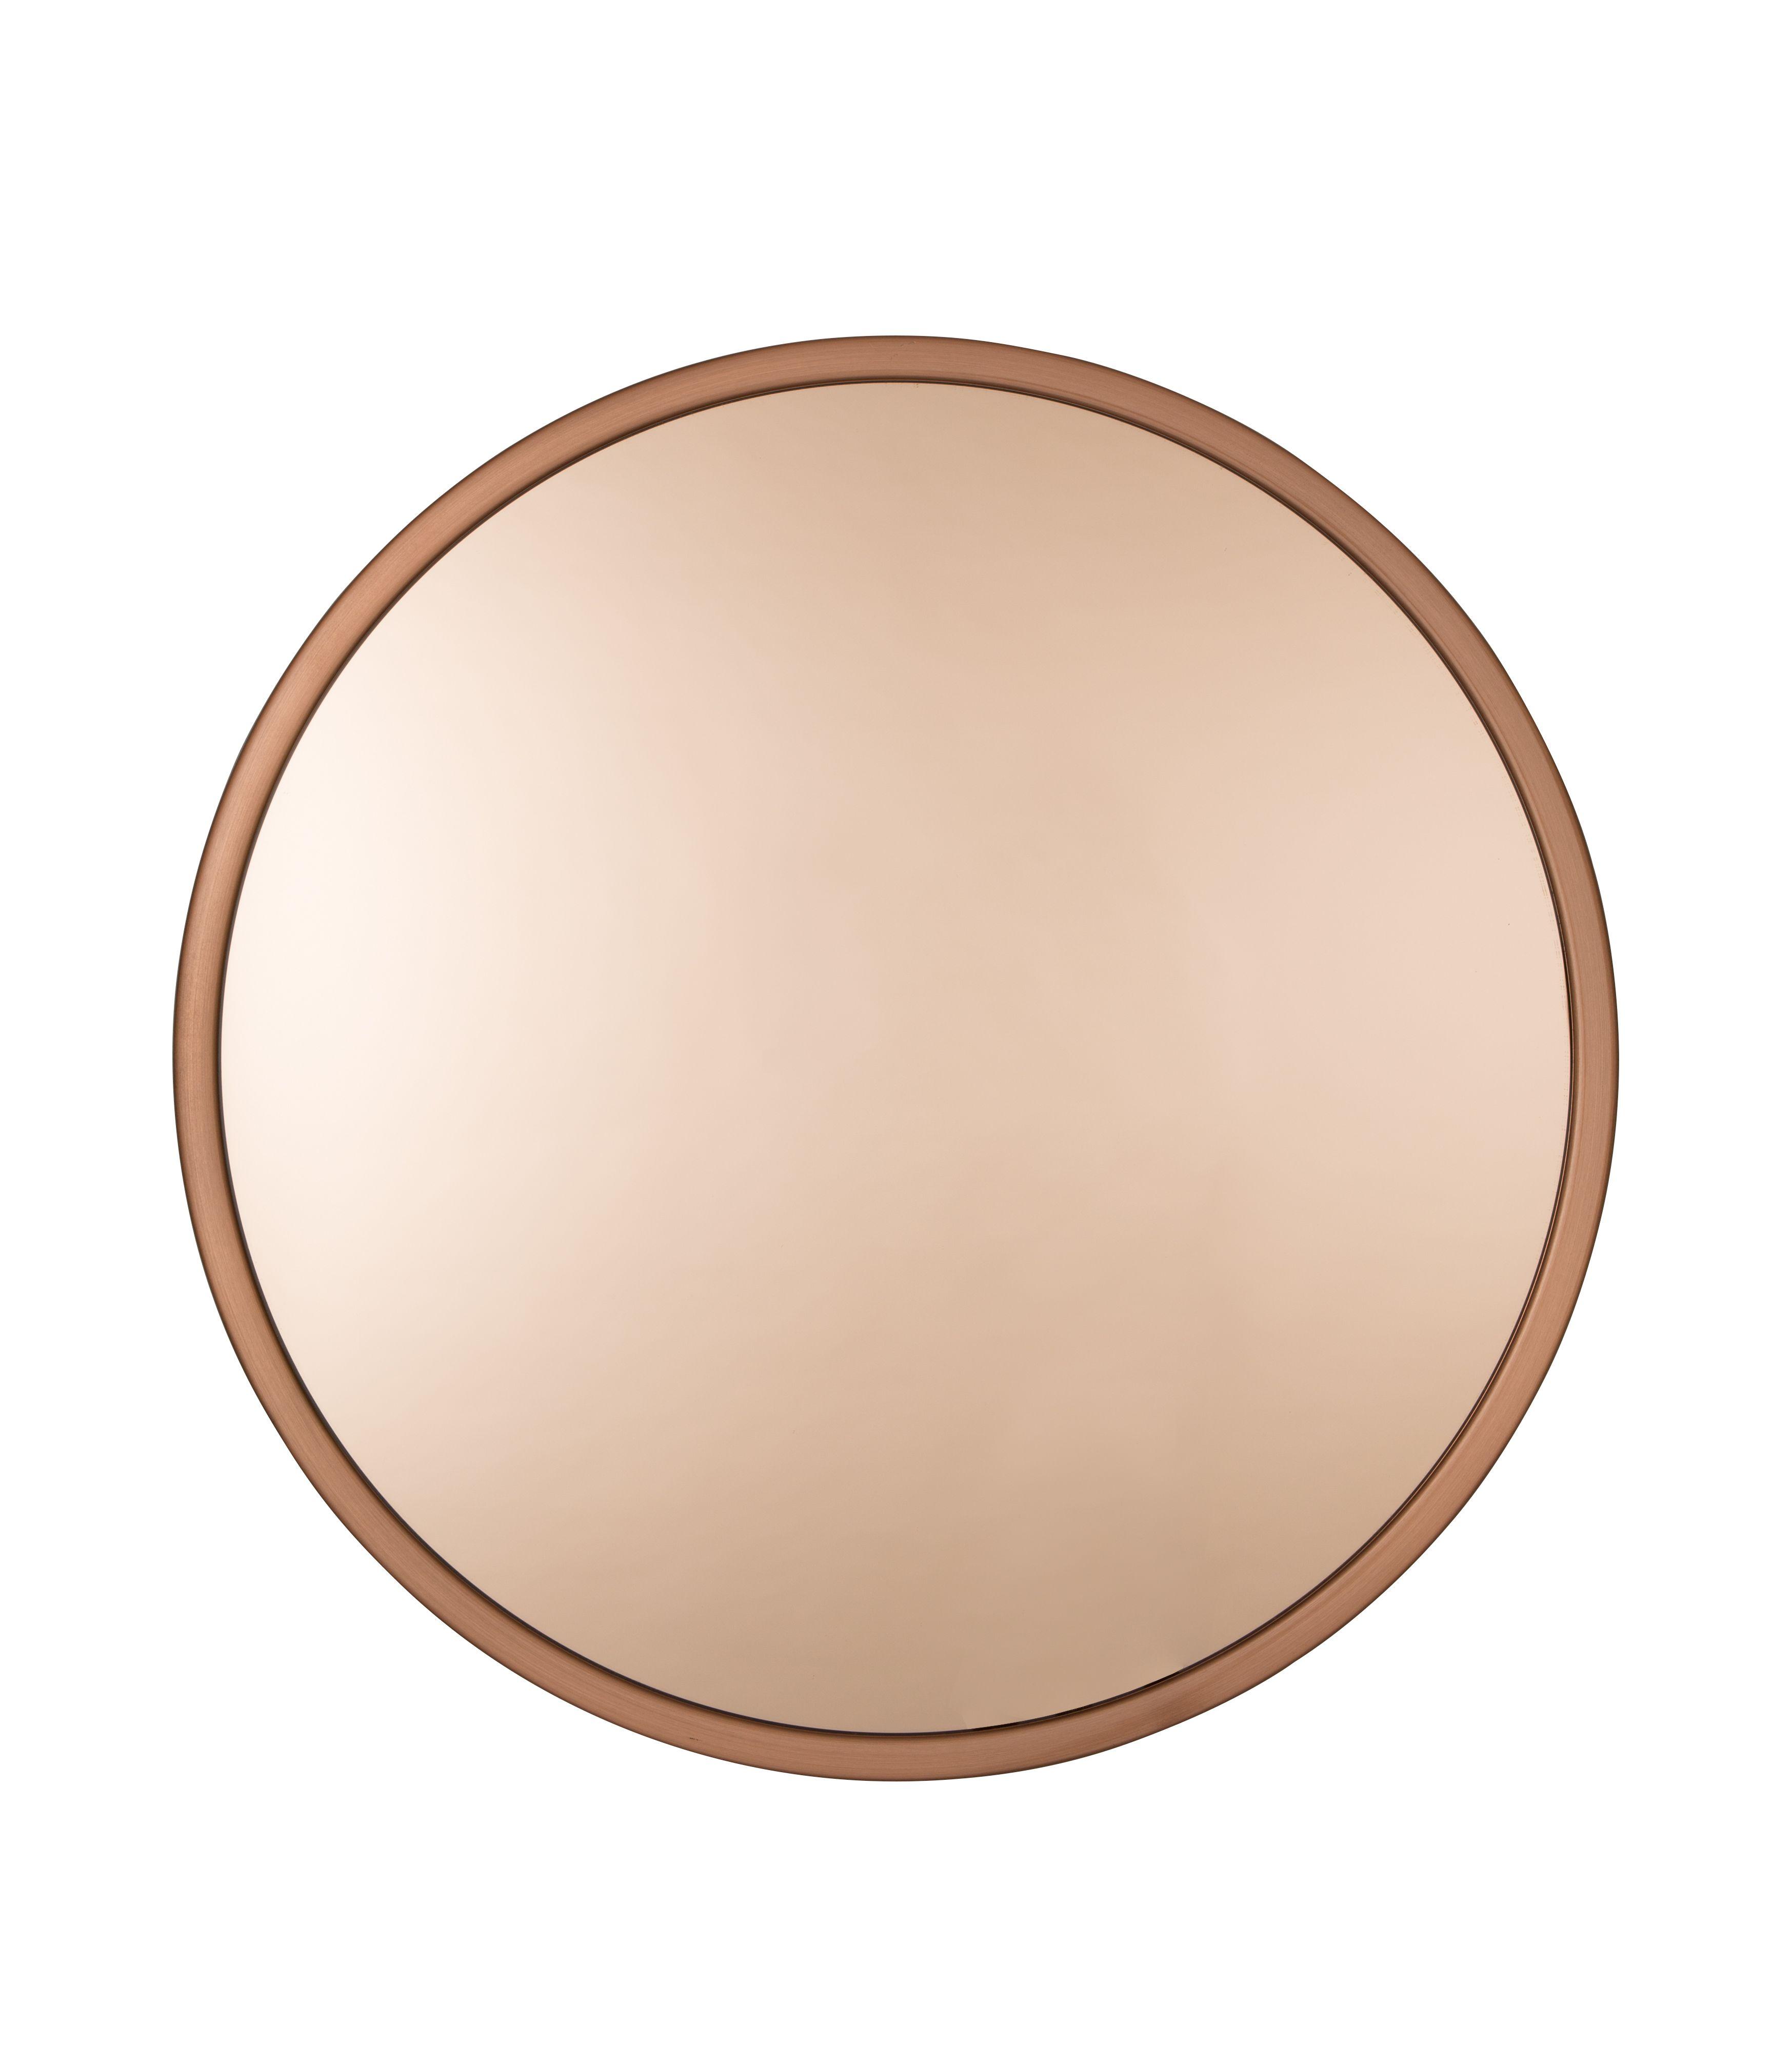 Bandit Mirror Spiegel Gouden Spiegels Spiegelglas